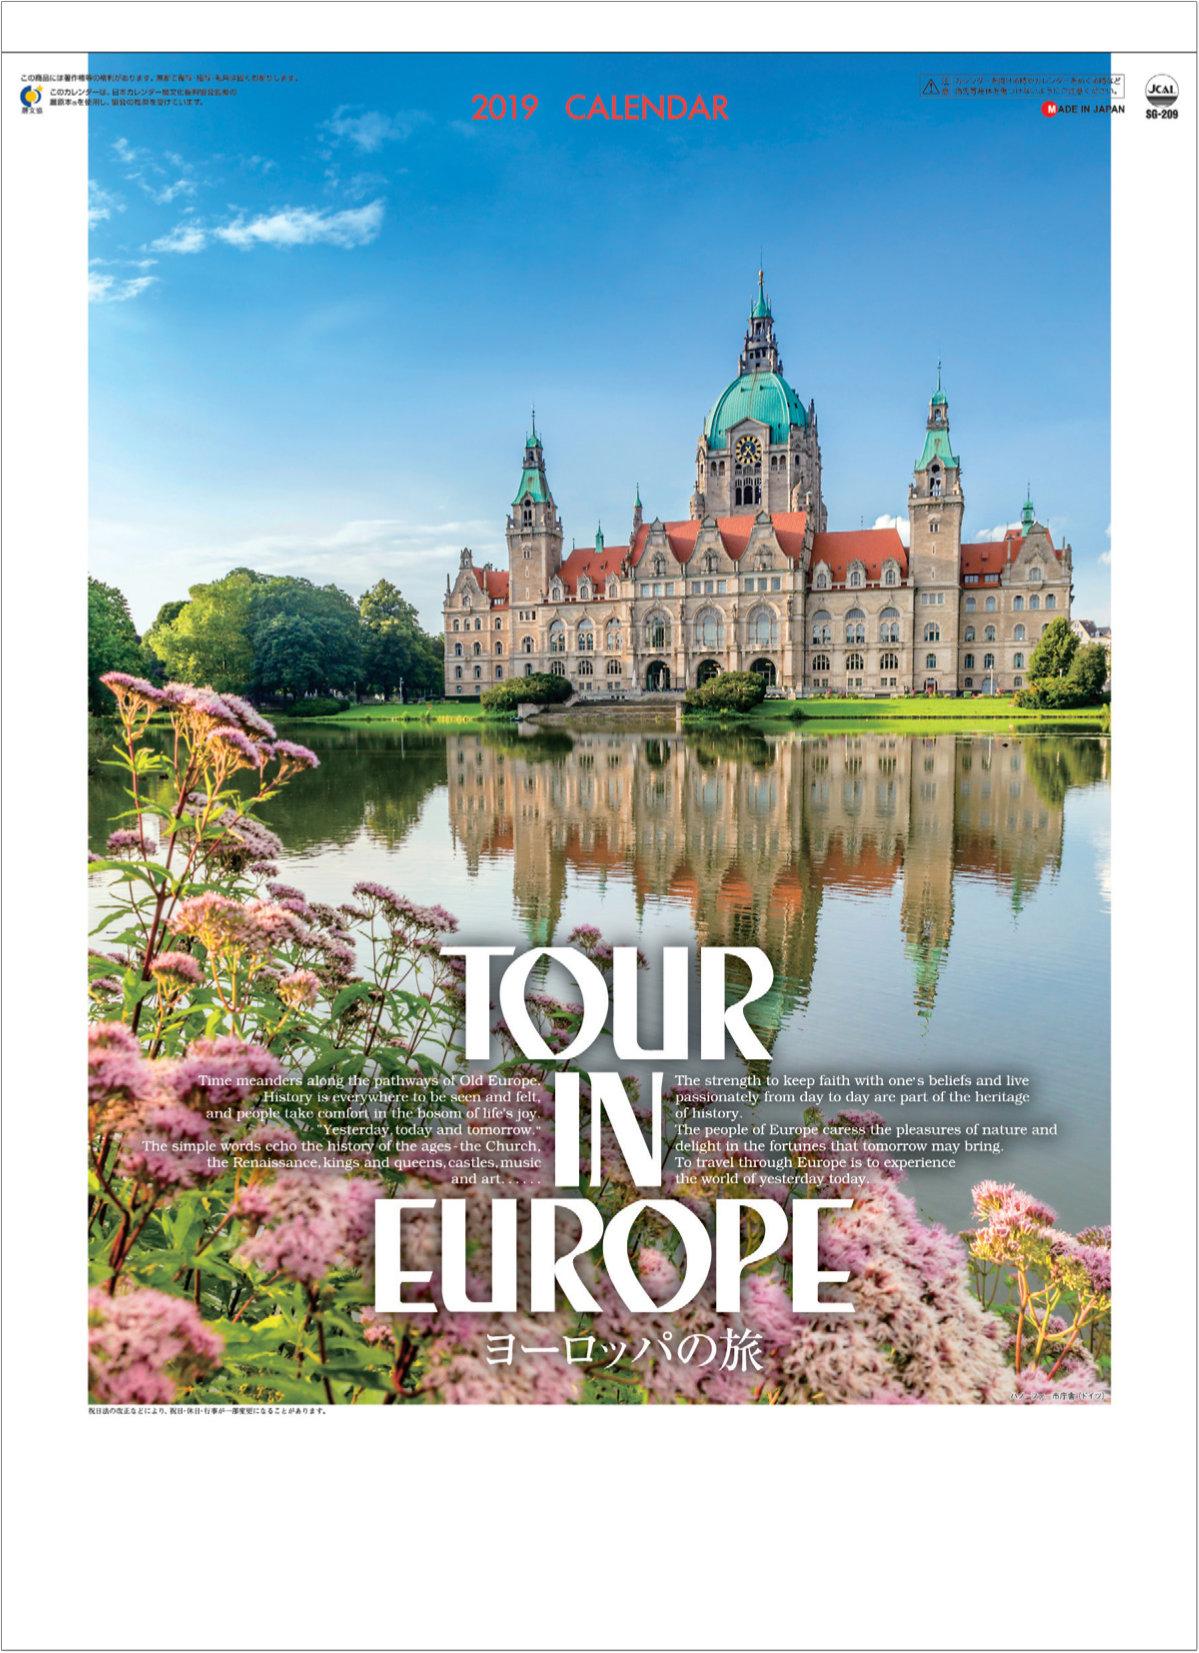 表紙 ヨーロッパの旅 2019年カレンダーの画像